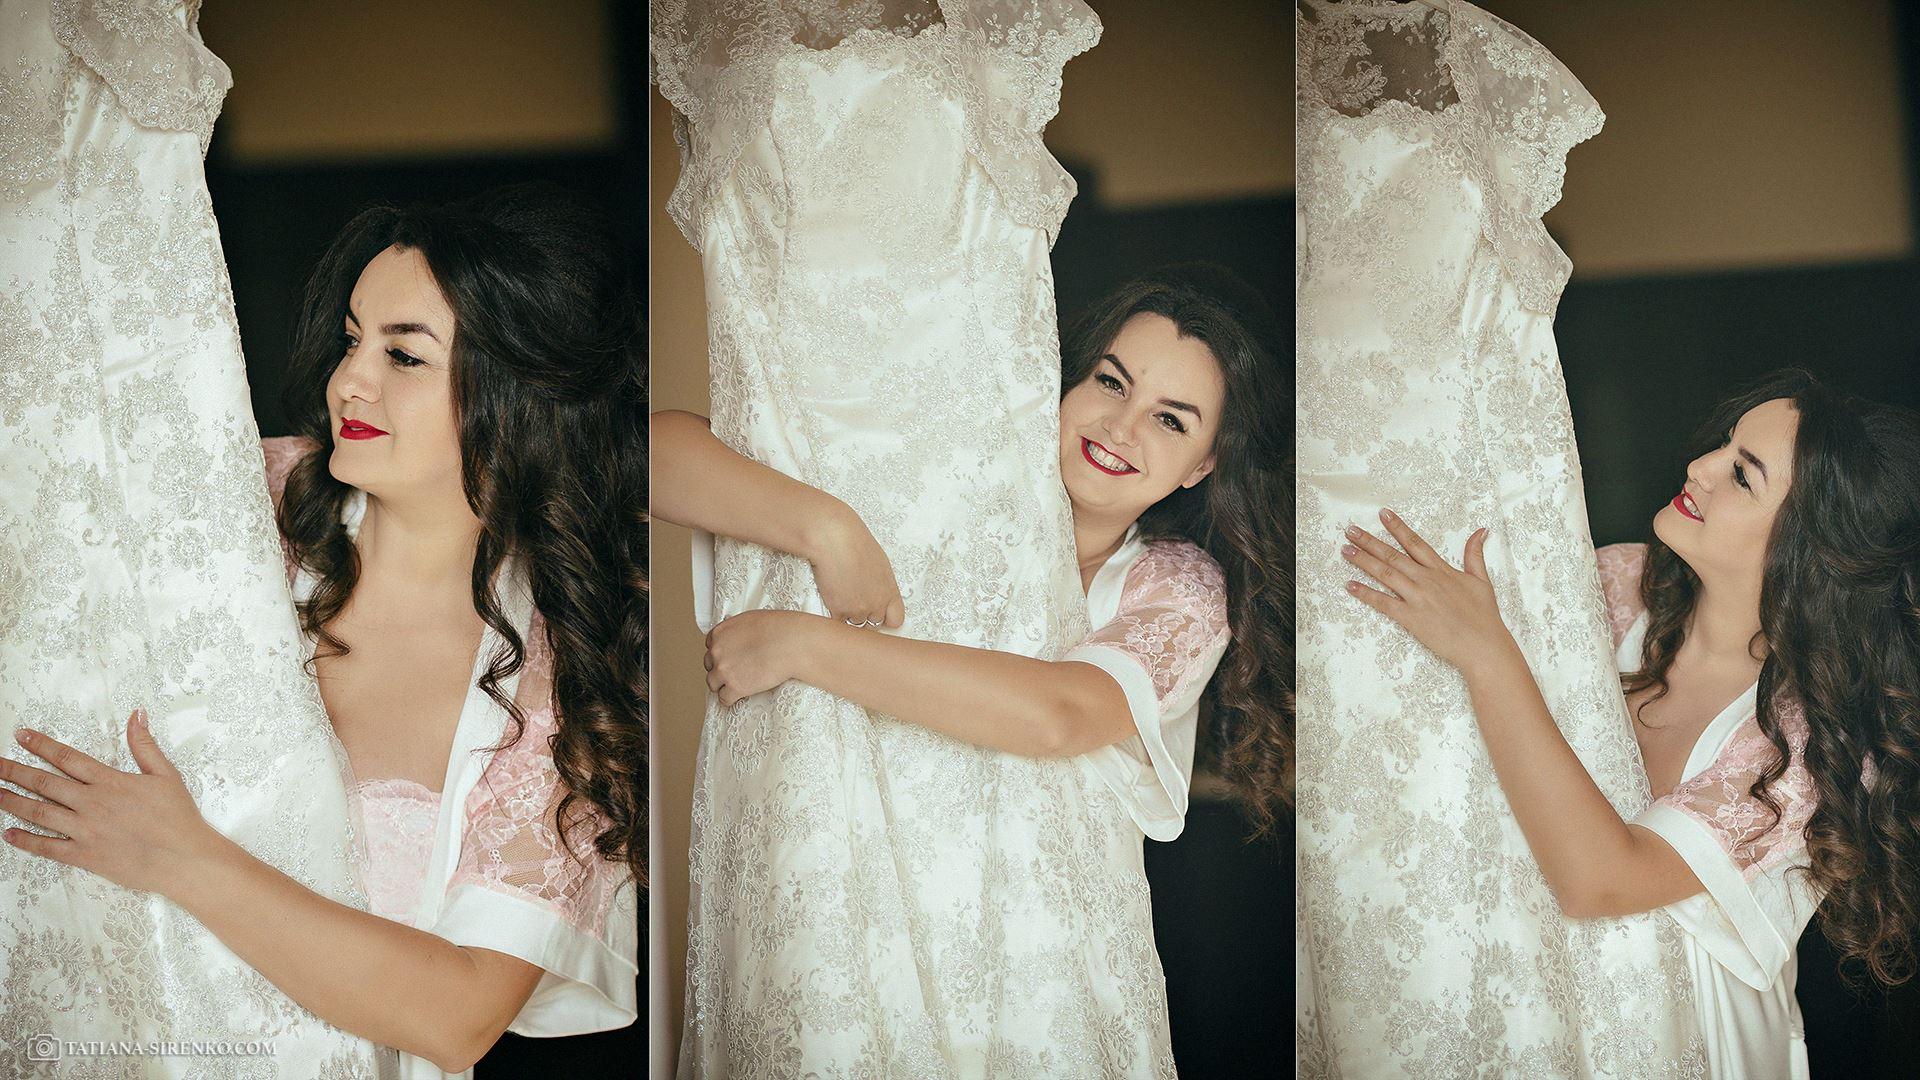 Утро невесты и жениха